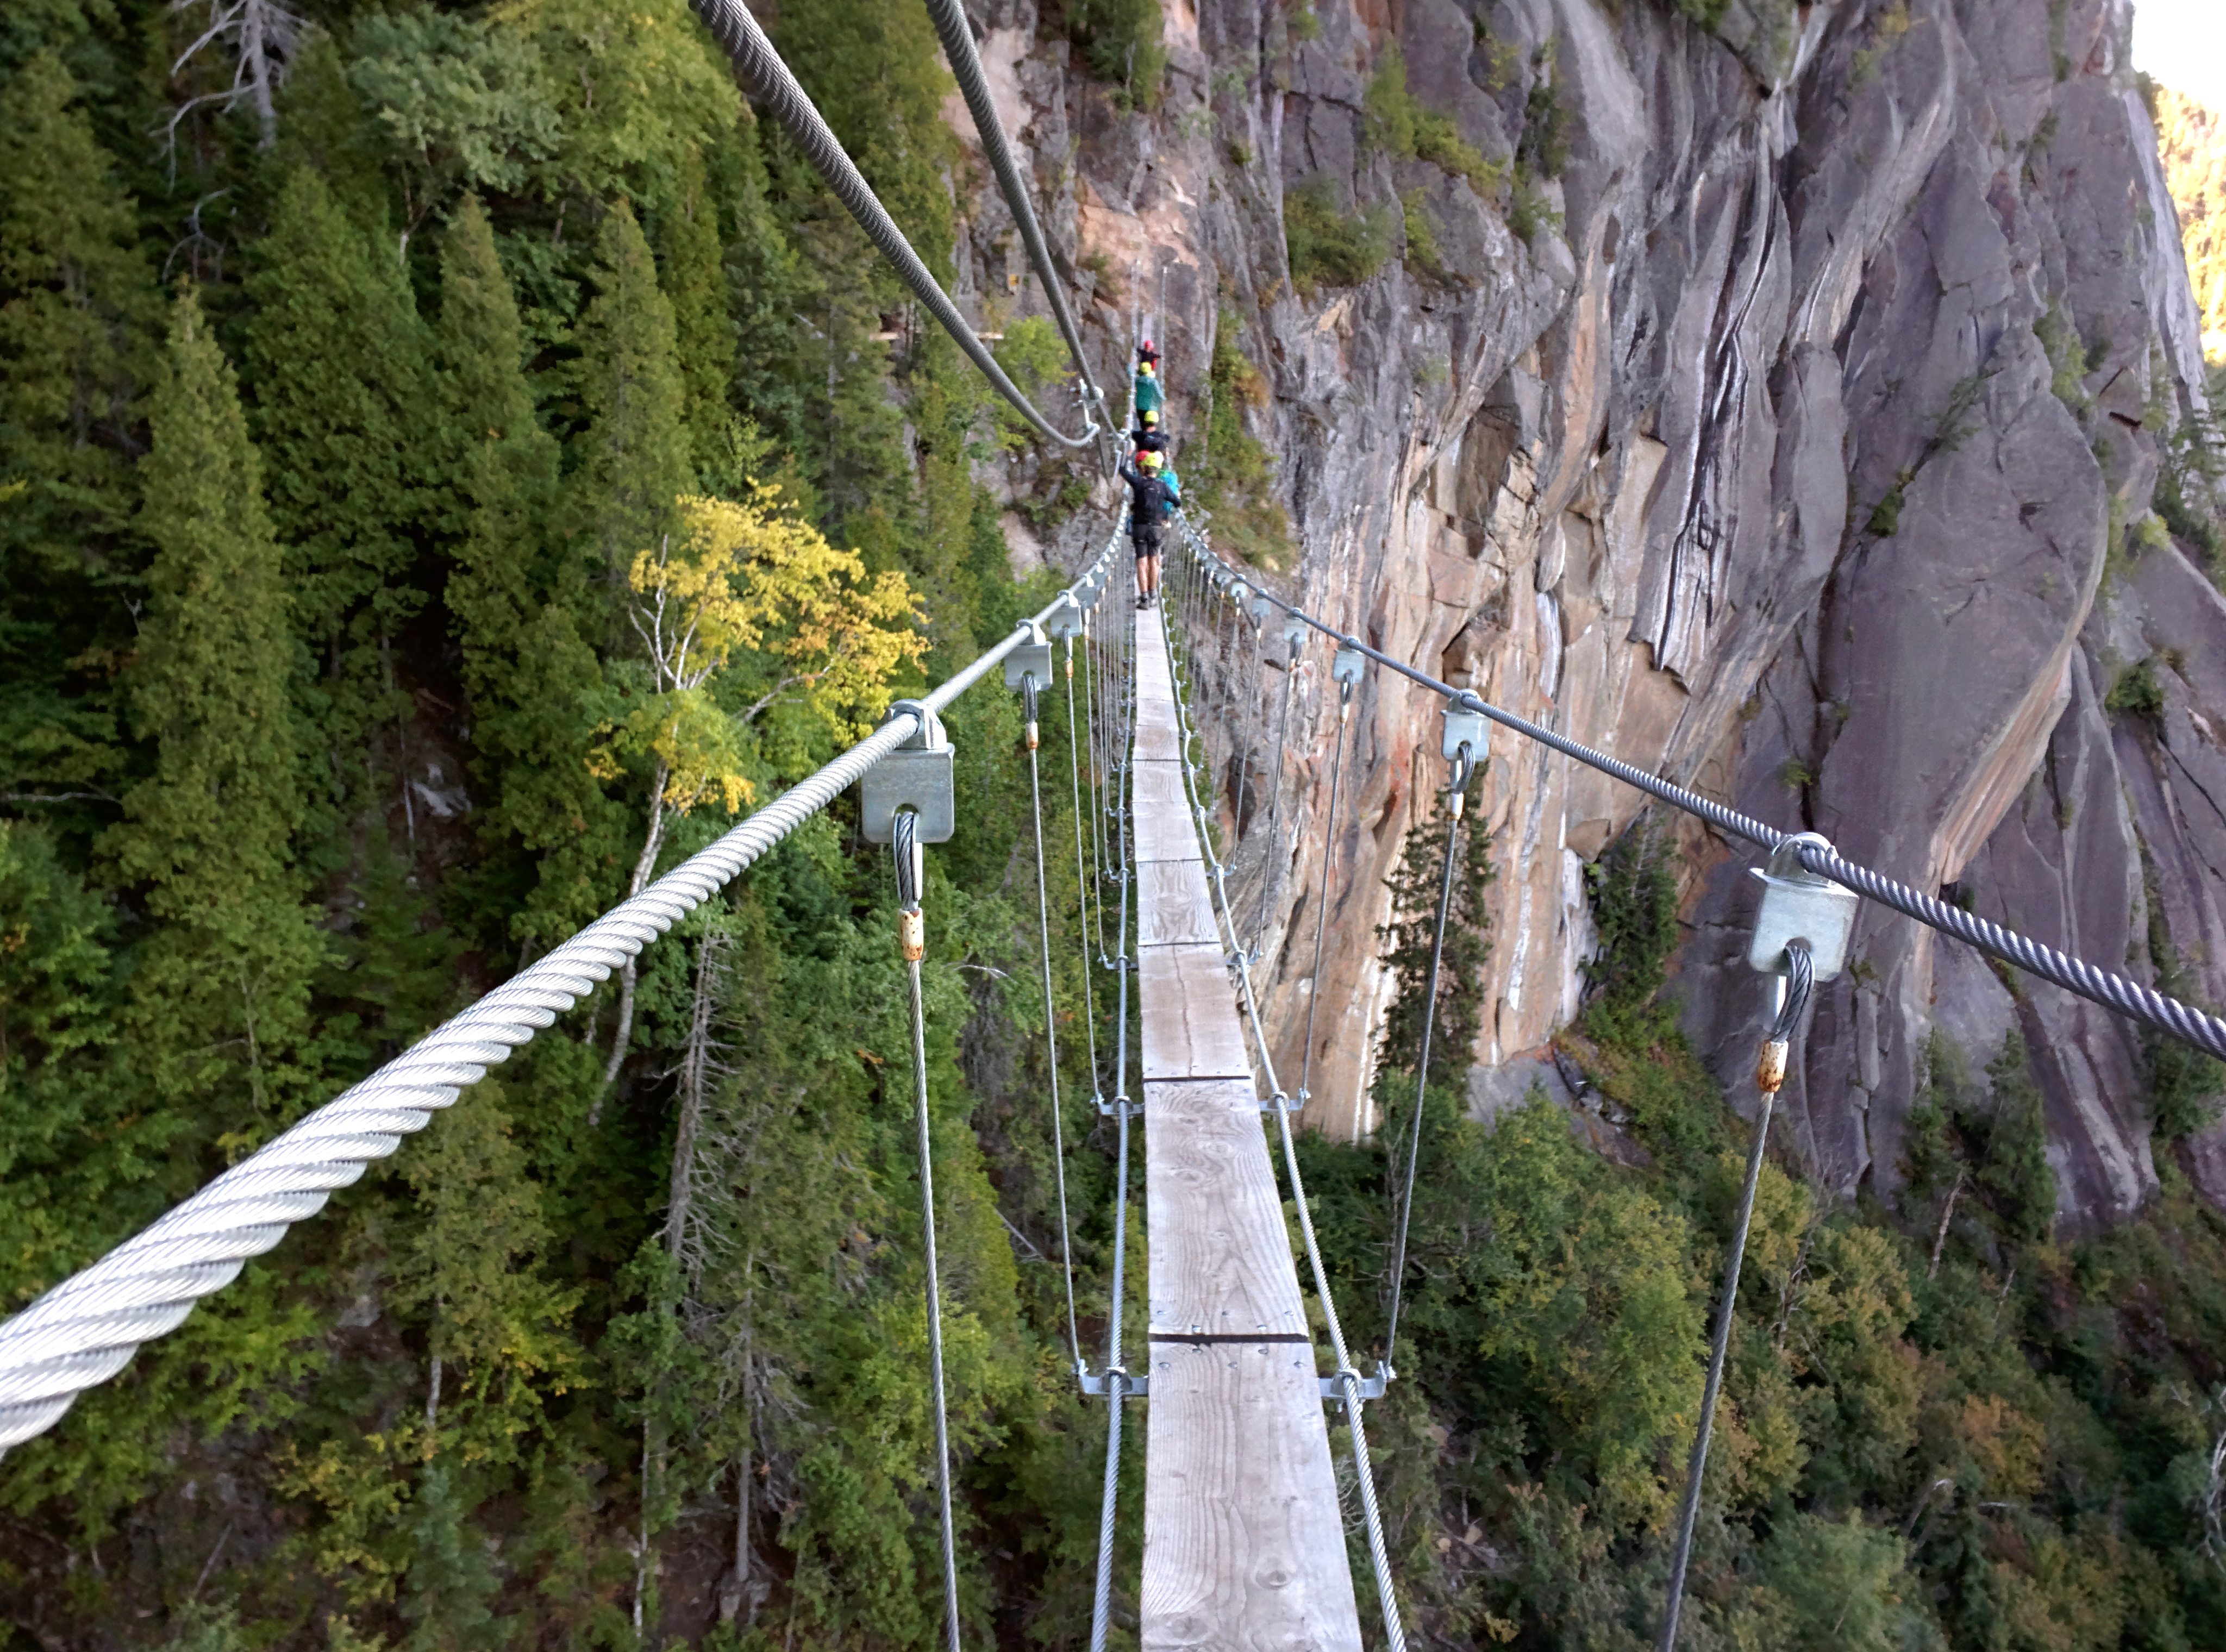 Rope bridge at Via ferrata des Géants